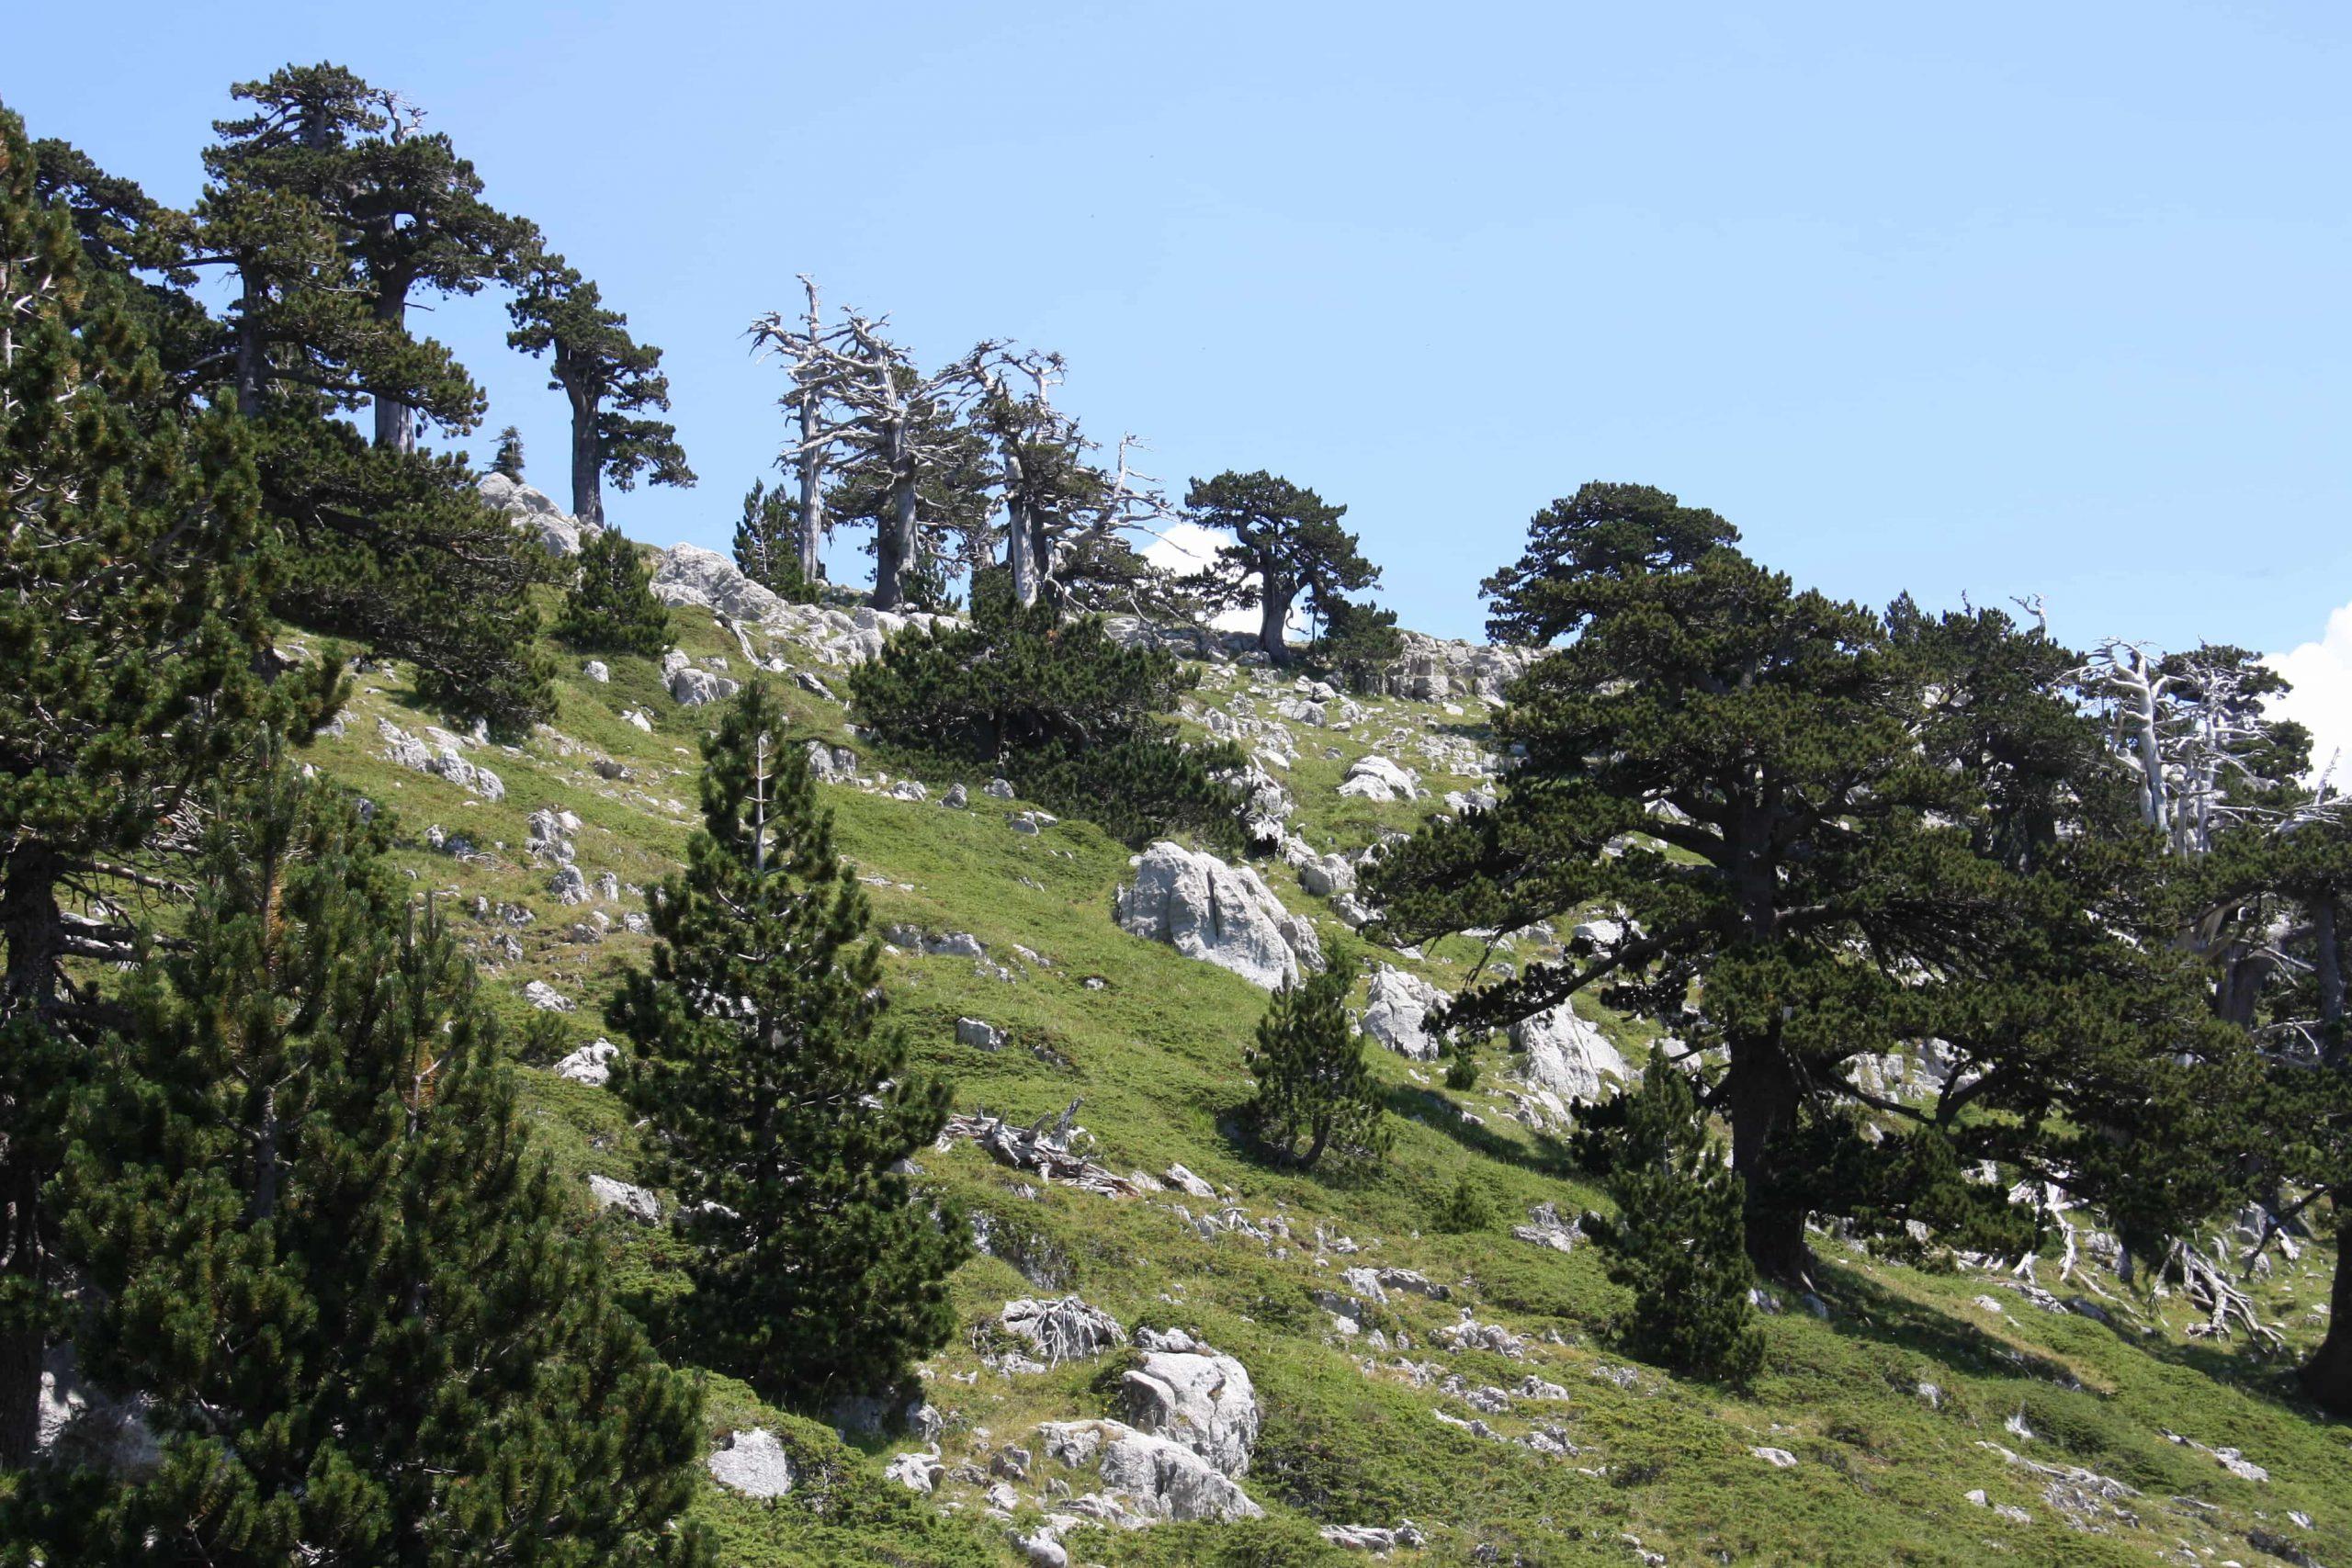 Pino Loricato - Serra di Crispo - Pollino - Giardino degli Dei